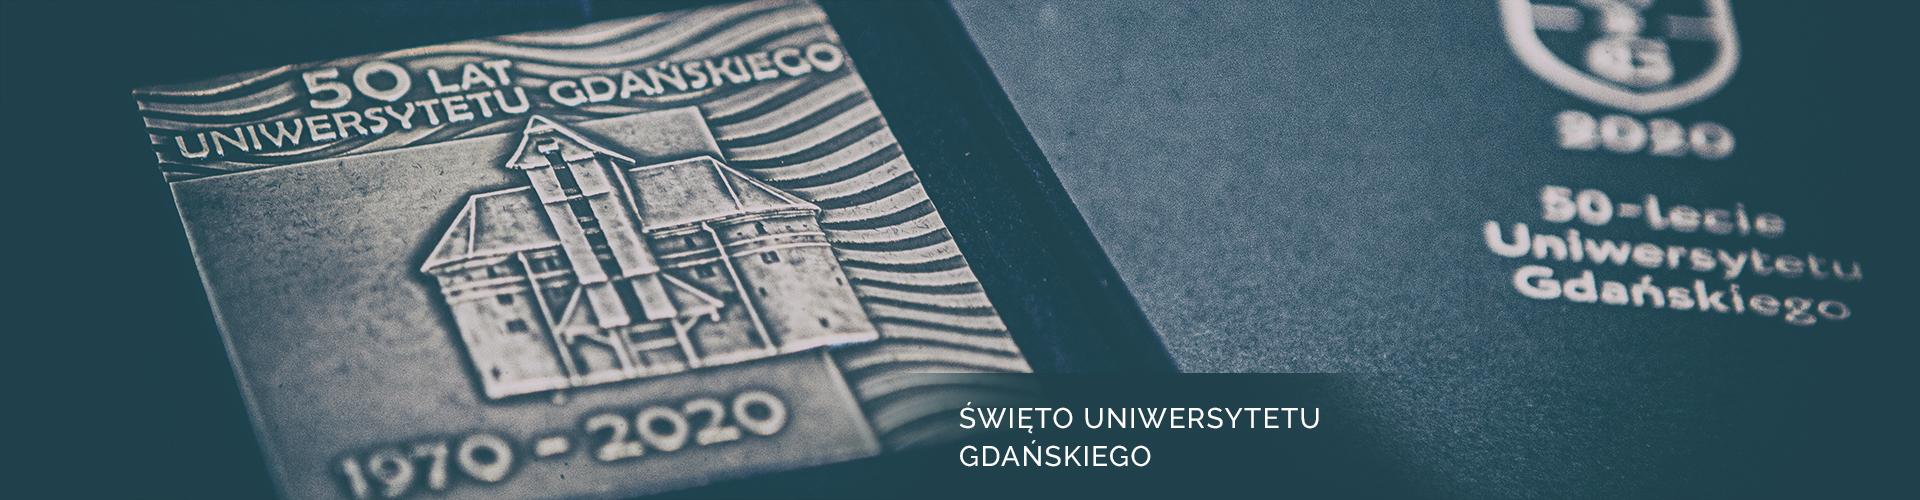 Święto Uniwersytetu Gdańskiego